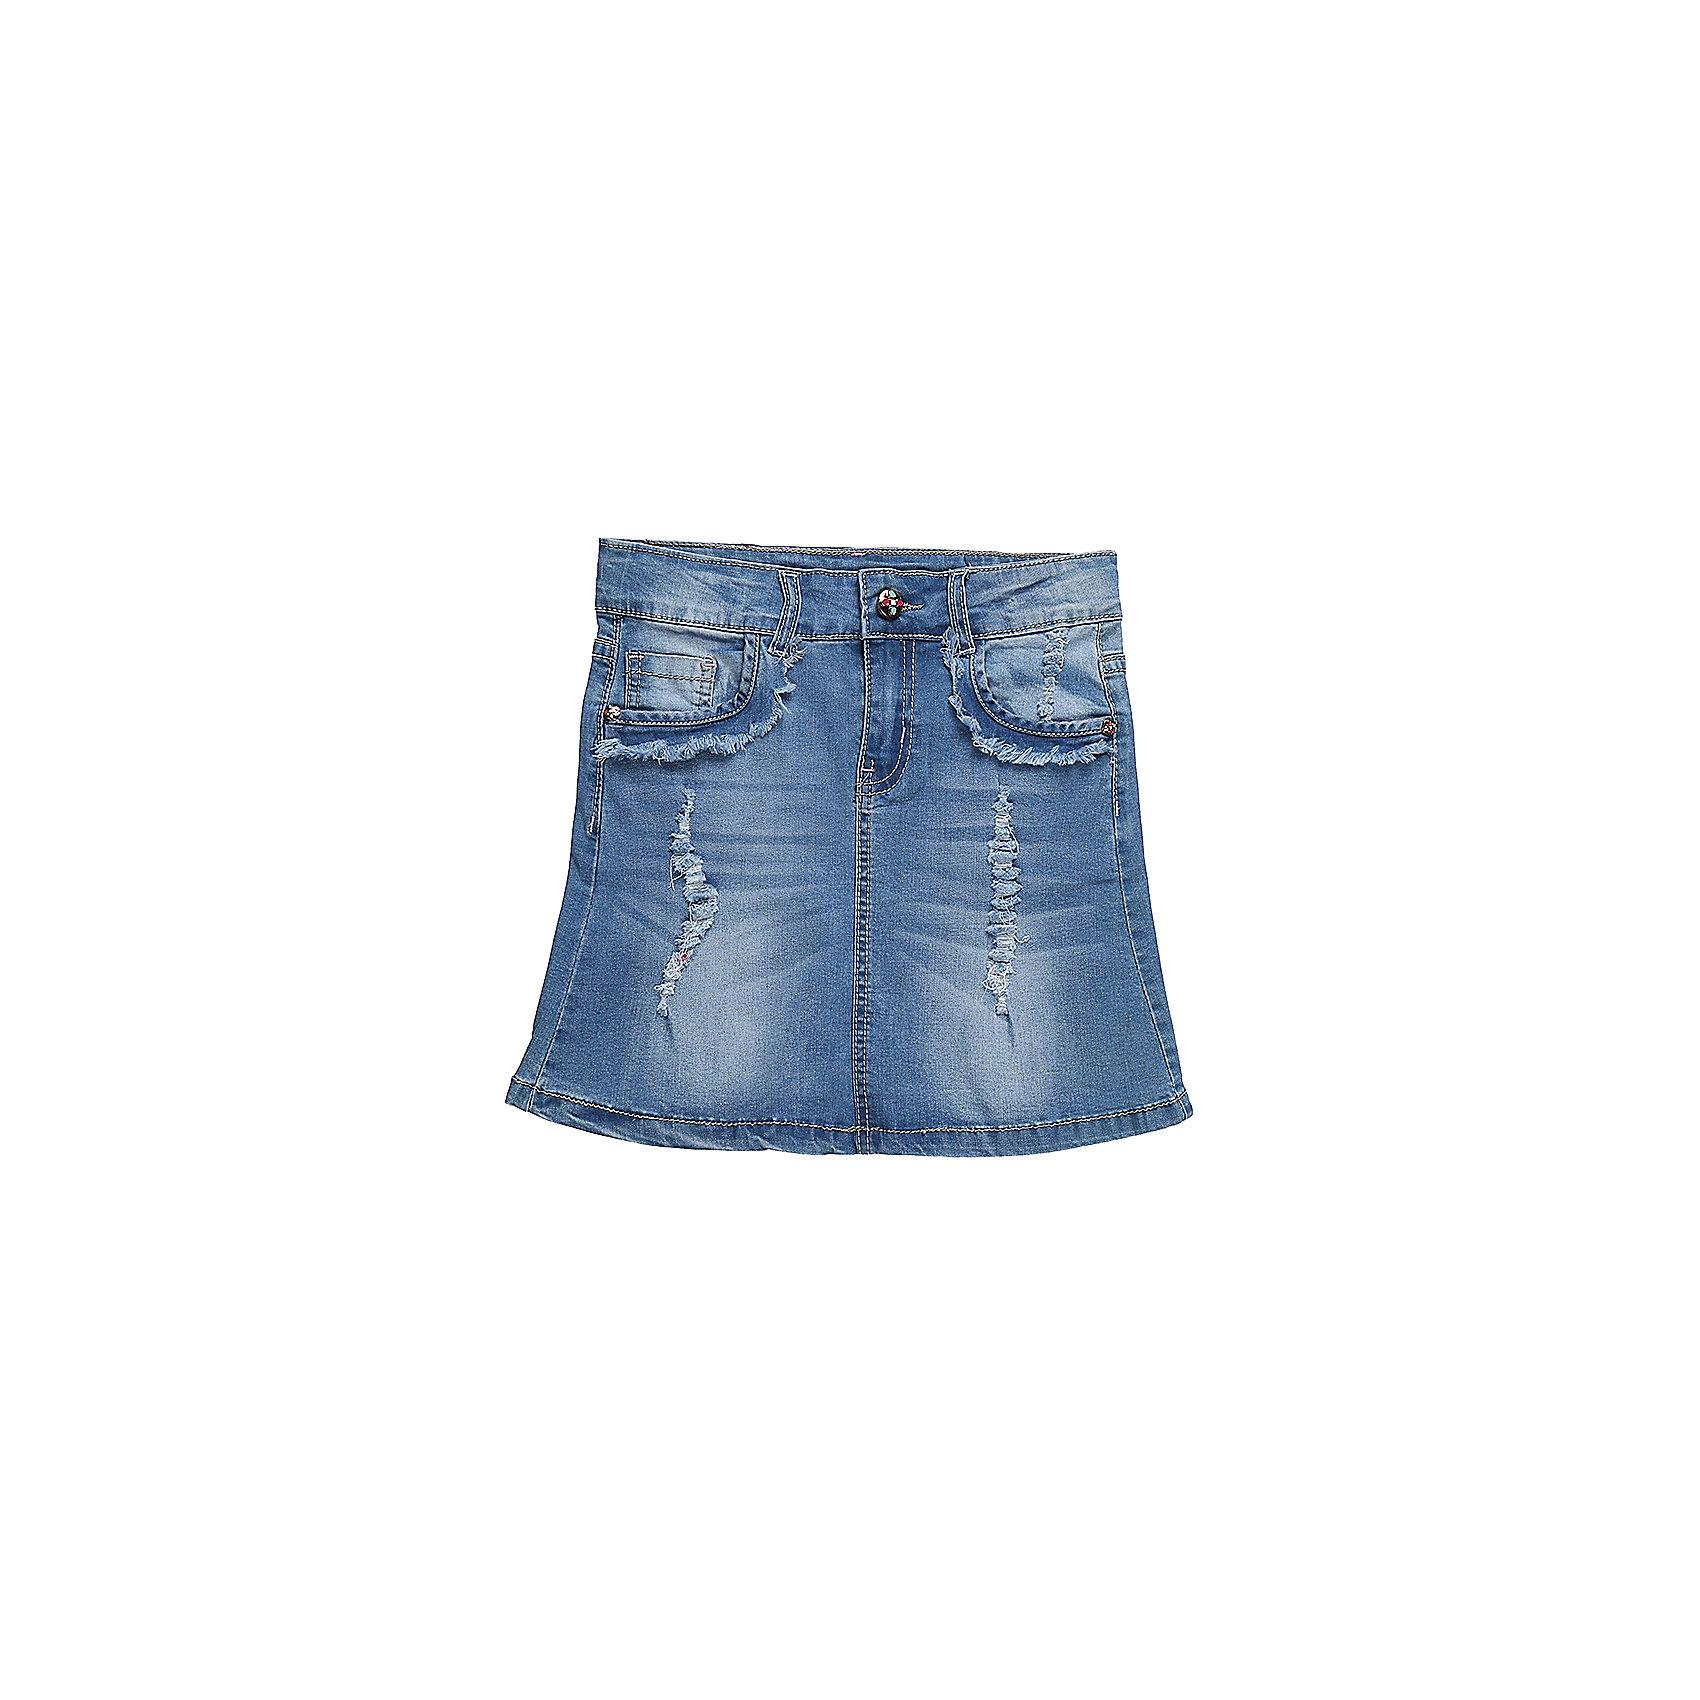 Юбка джинсовая для девочки LuminosoЮбки<br>Джинсовая юбка для девочки. Карманы декорированы бахрамой и эффектом рванной джинсы. Пояс с регулировкой внутренней резинкой.<br>Состав:<br>98%хлопок 2%эластан<br><br>Ширина мм: 207<br>Глубина мм: 10<br>Высота мм: 189<br>Вес г: 183<br>Цвет: синий<br>Возраст от месяцев: 120<br>Возраст до месяцев: 132<br>Пол: Женский<br>Возраст: Детский<br>Размер: 146,134,152,158,164,140<br>SKU: 5413757